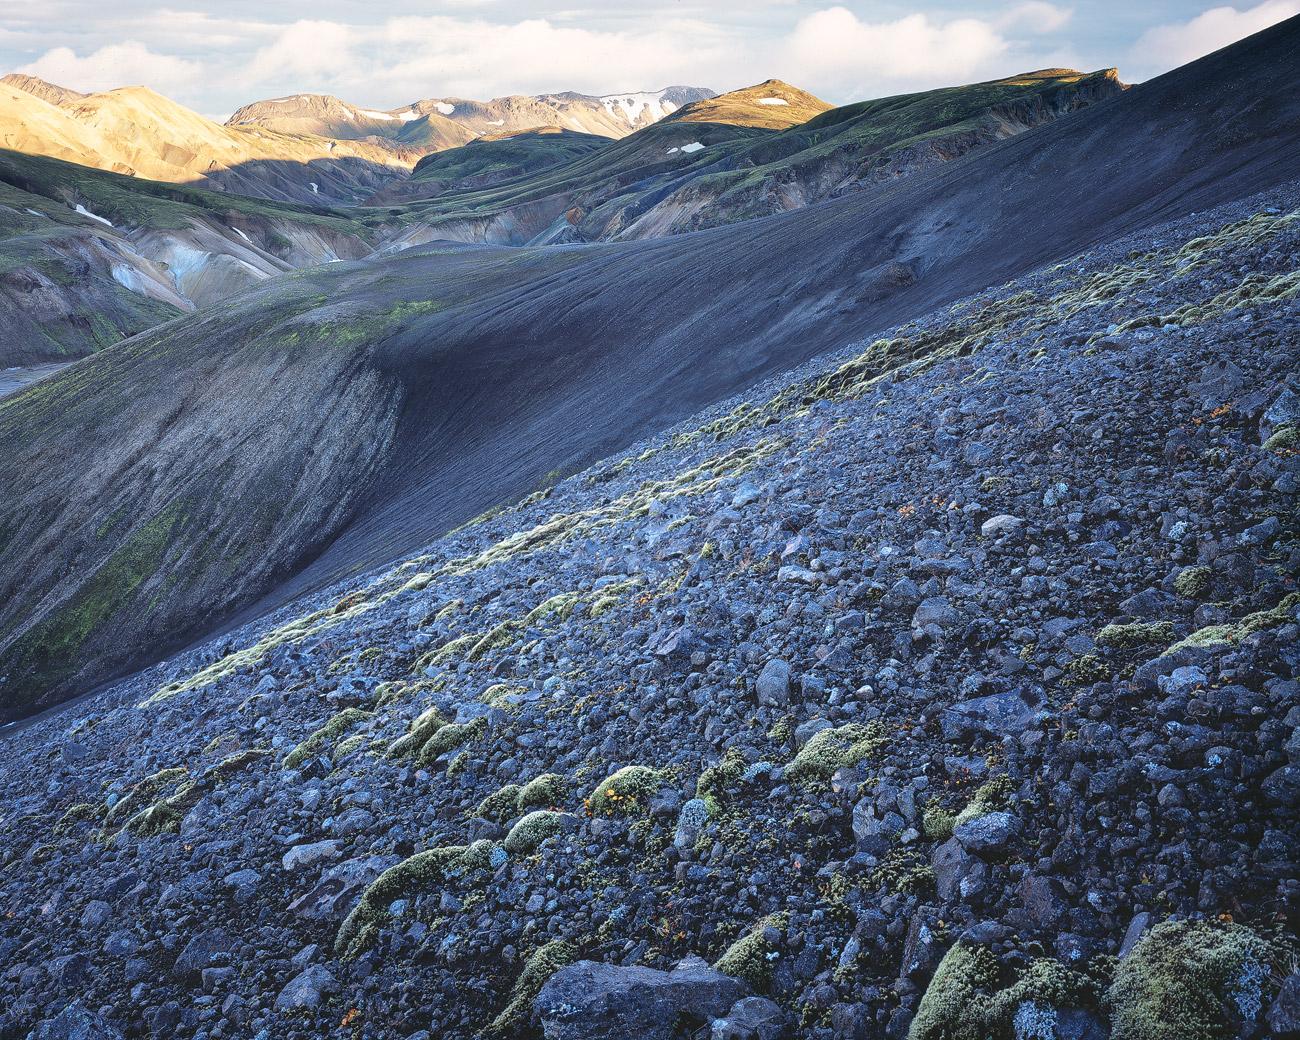 Blick auf die bunte Rhyolith Landschaft des Landmannalaugar.